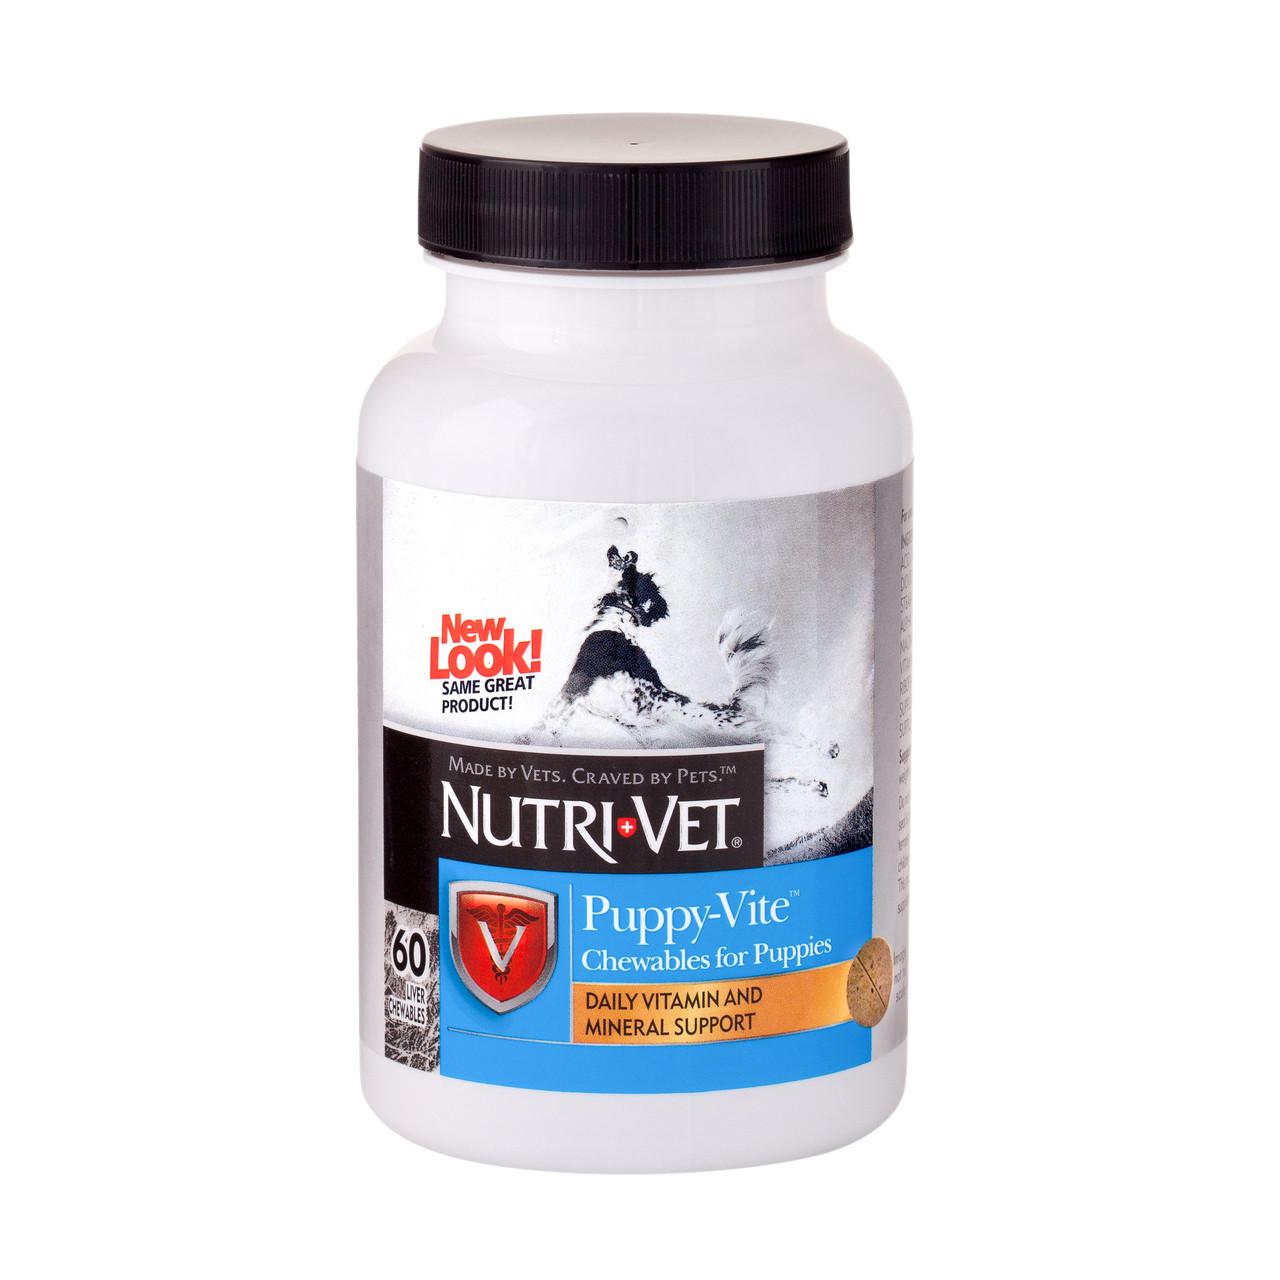 """ПАППИ-ВИТ НУТРИ-ВЕТ PUPPY-VITE """"NUTRI-VET"""" комплекс витаминов и минералов для щенков до 9 месяцев, 60 таблеток"""